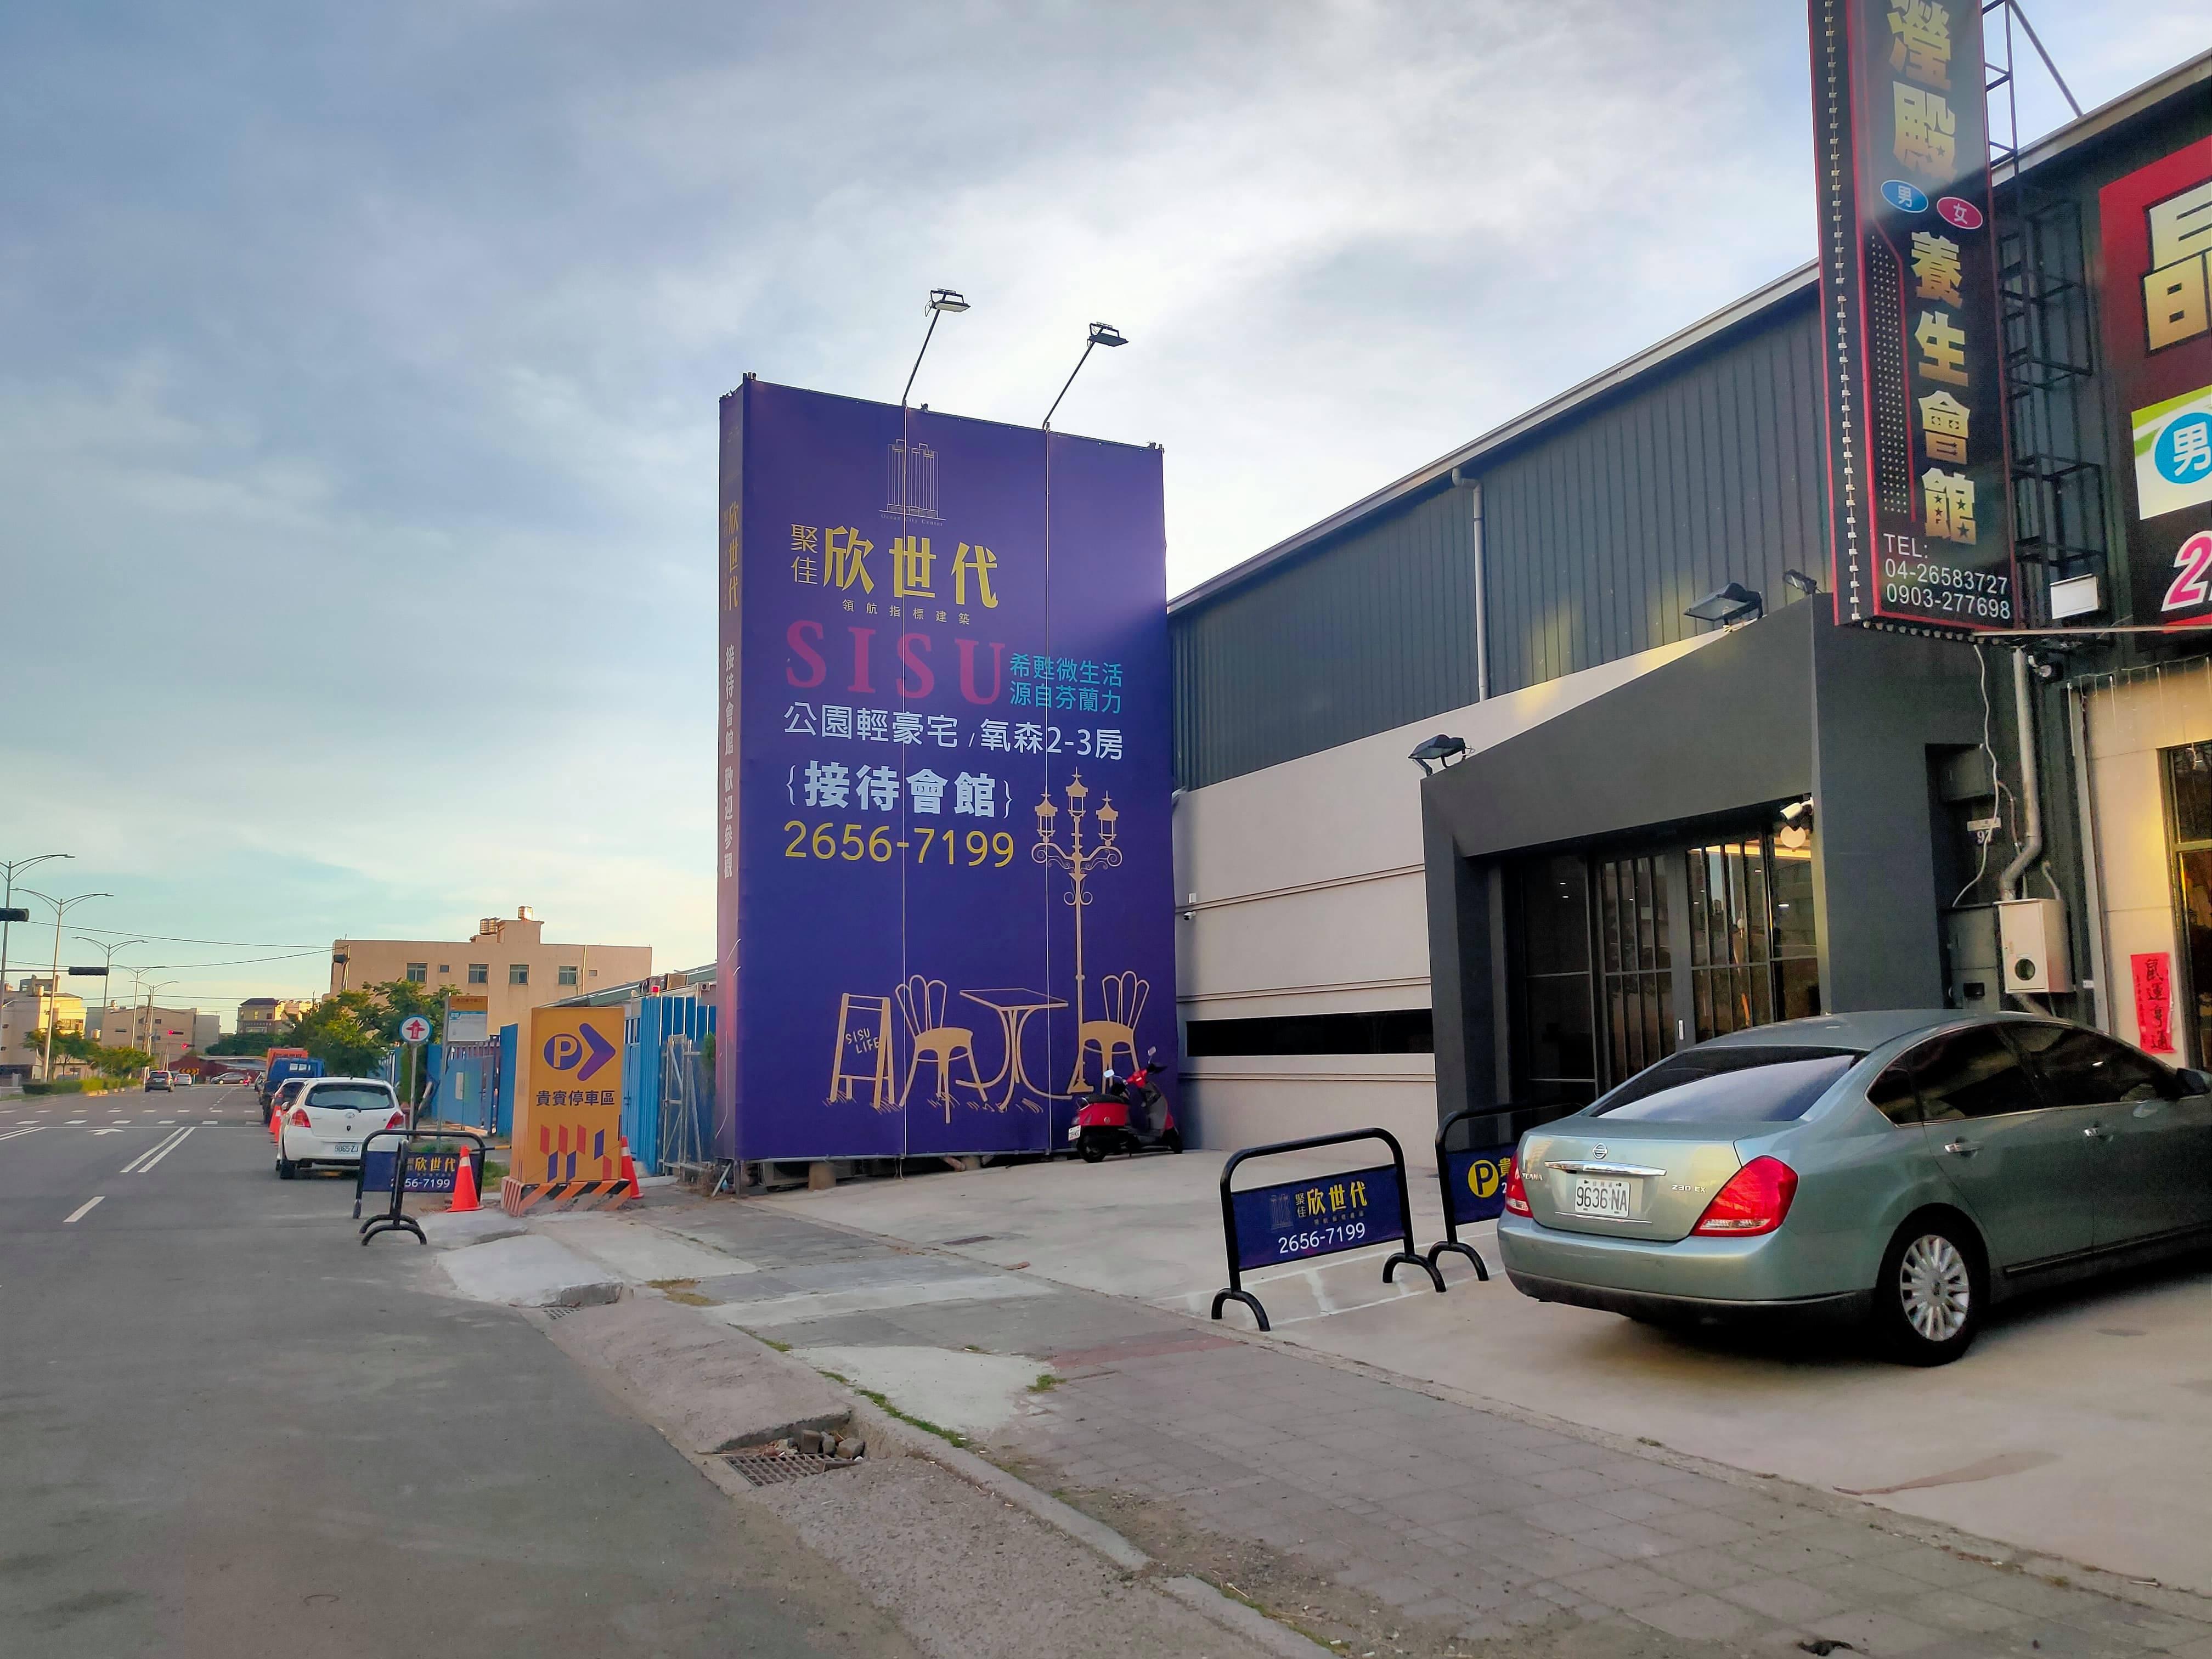 圖片:熱銷建案推薦|台中梧棲區 聚佳建設「聚佳欣世代」市中心角地 2-3房氧森宅